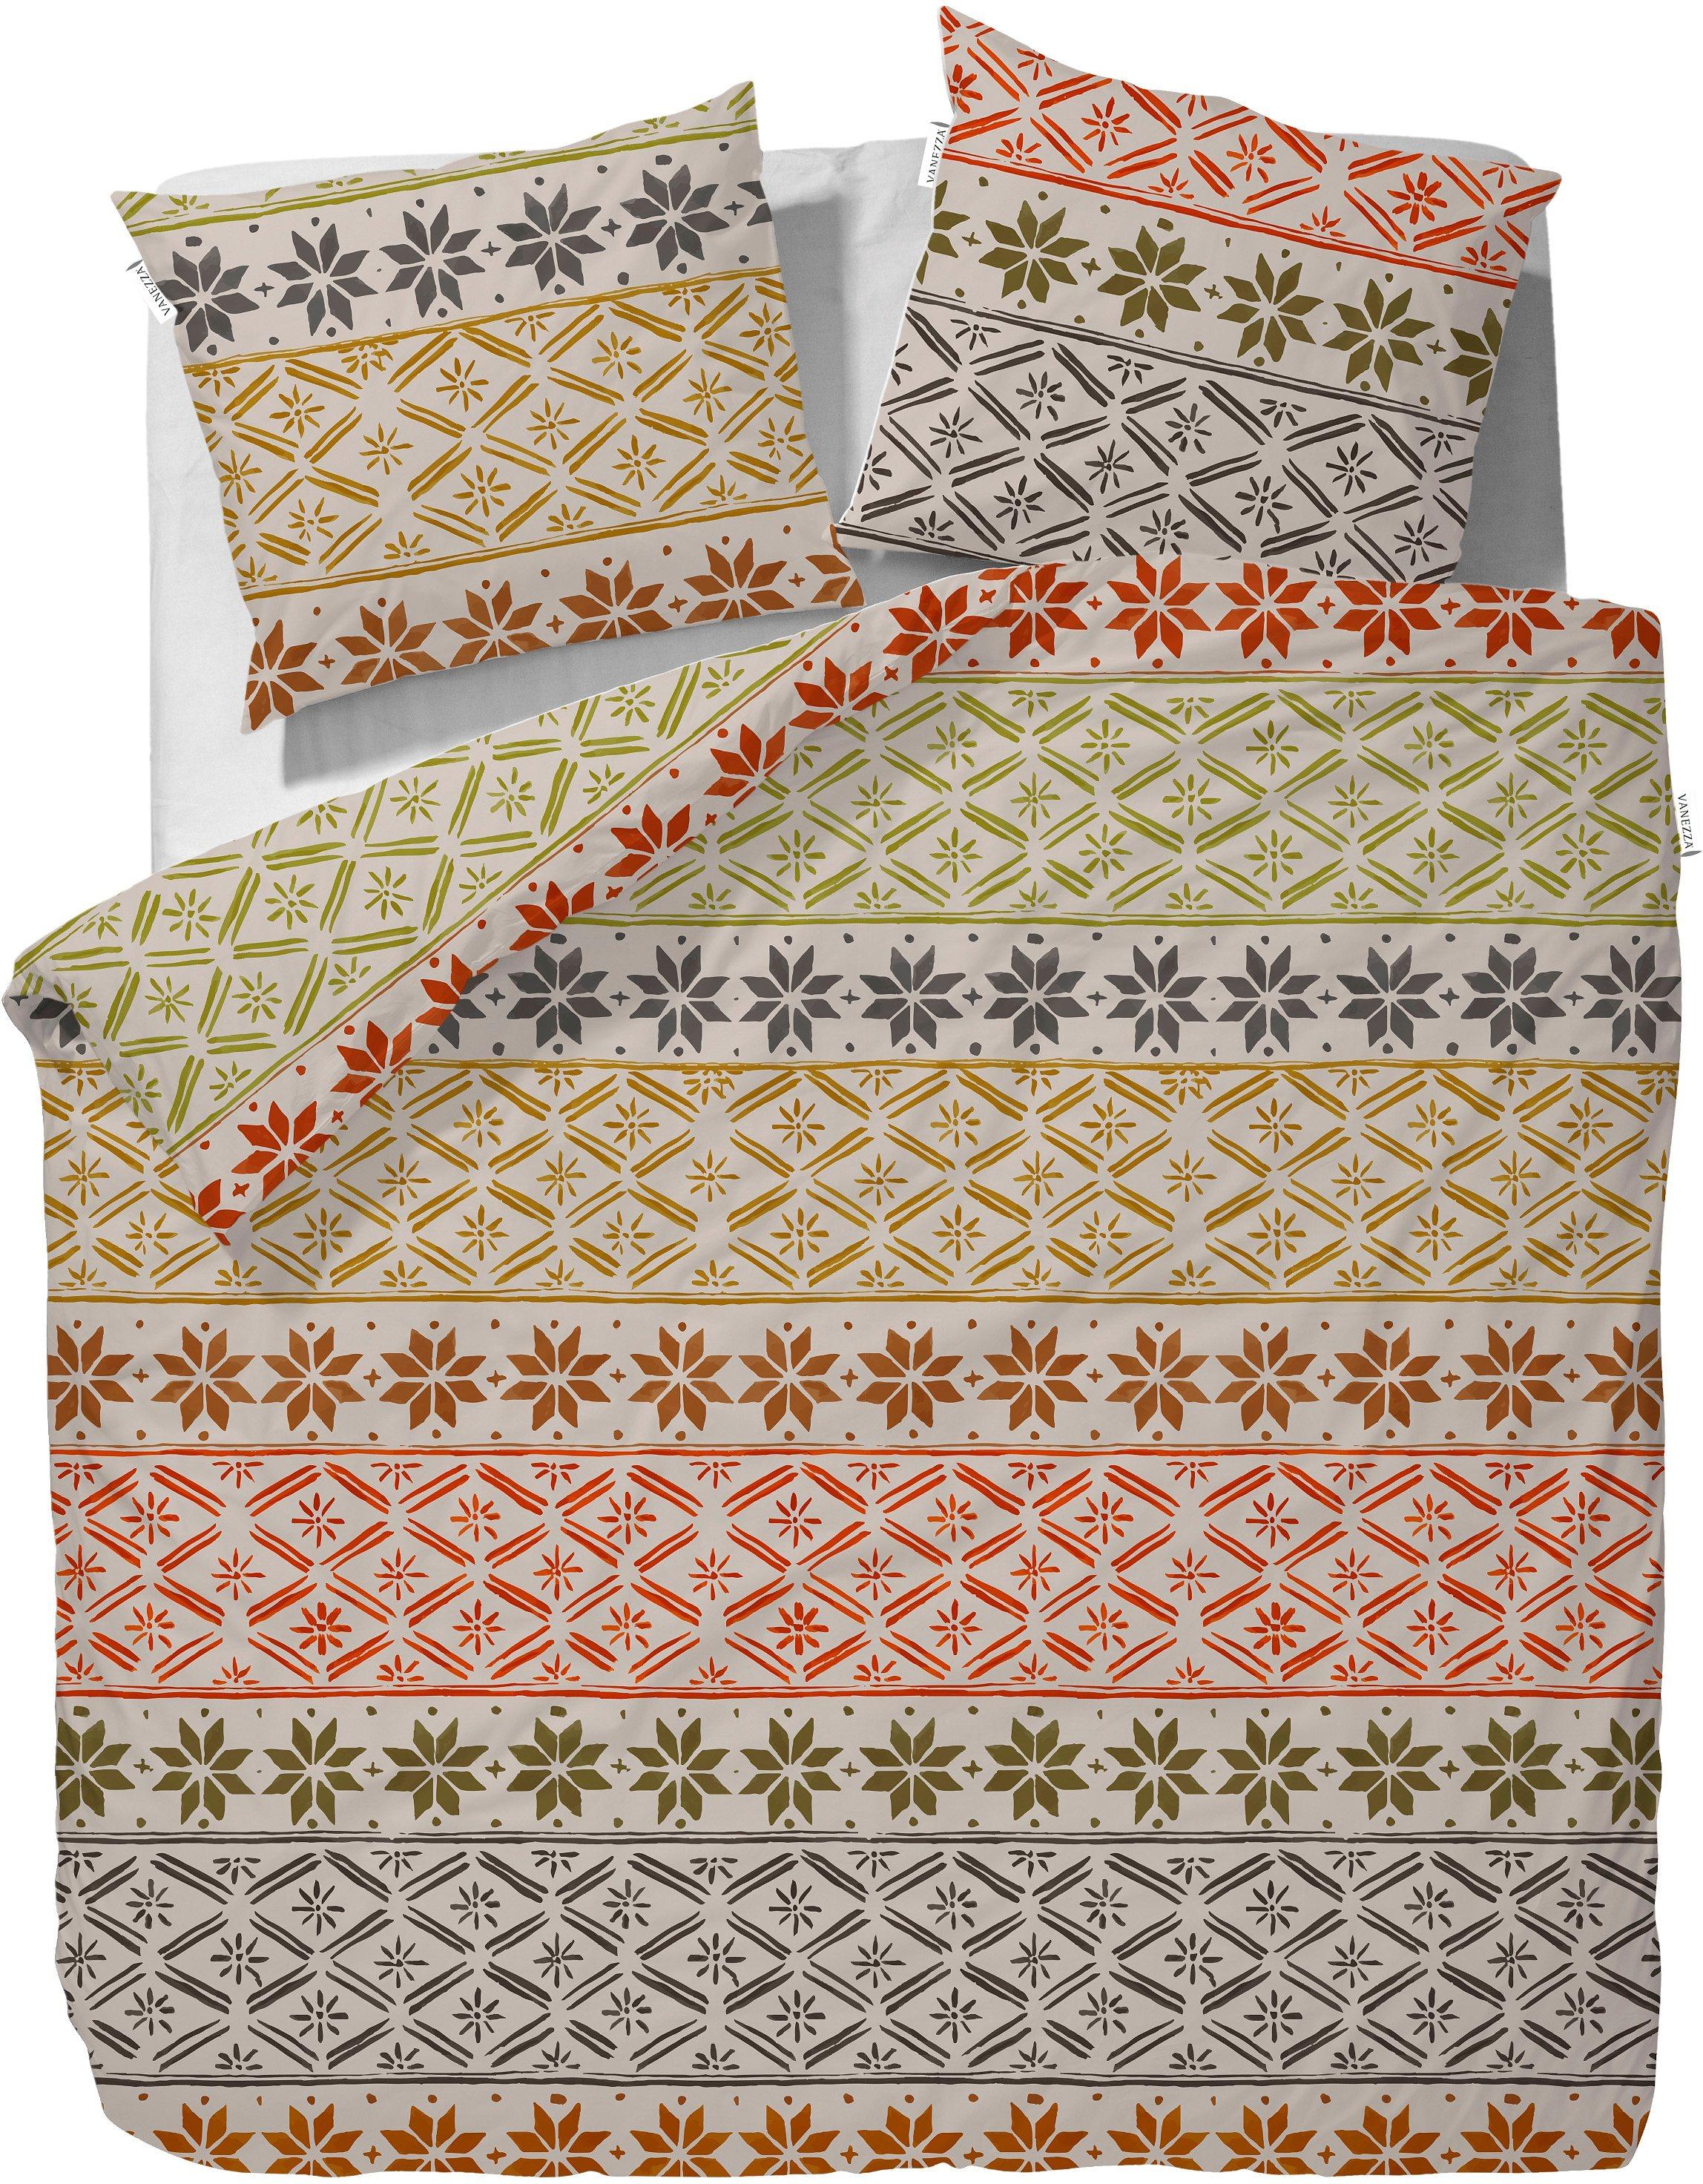 bettw sche vanezza binta mit winterlichem charme bunt online kaufen bei woonio. Black Bedroom Furniture Sets. Home Design Ideas